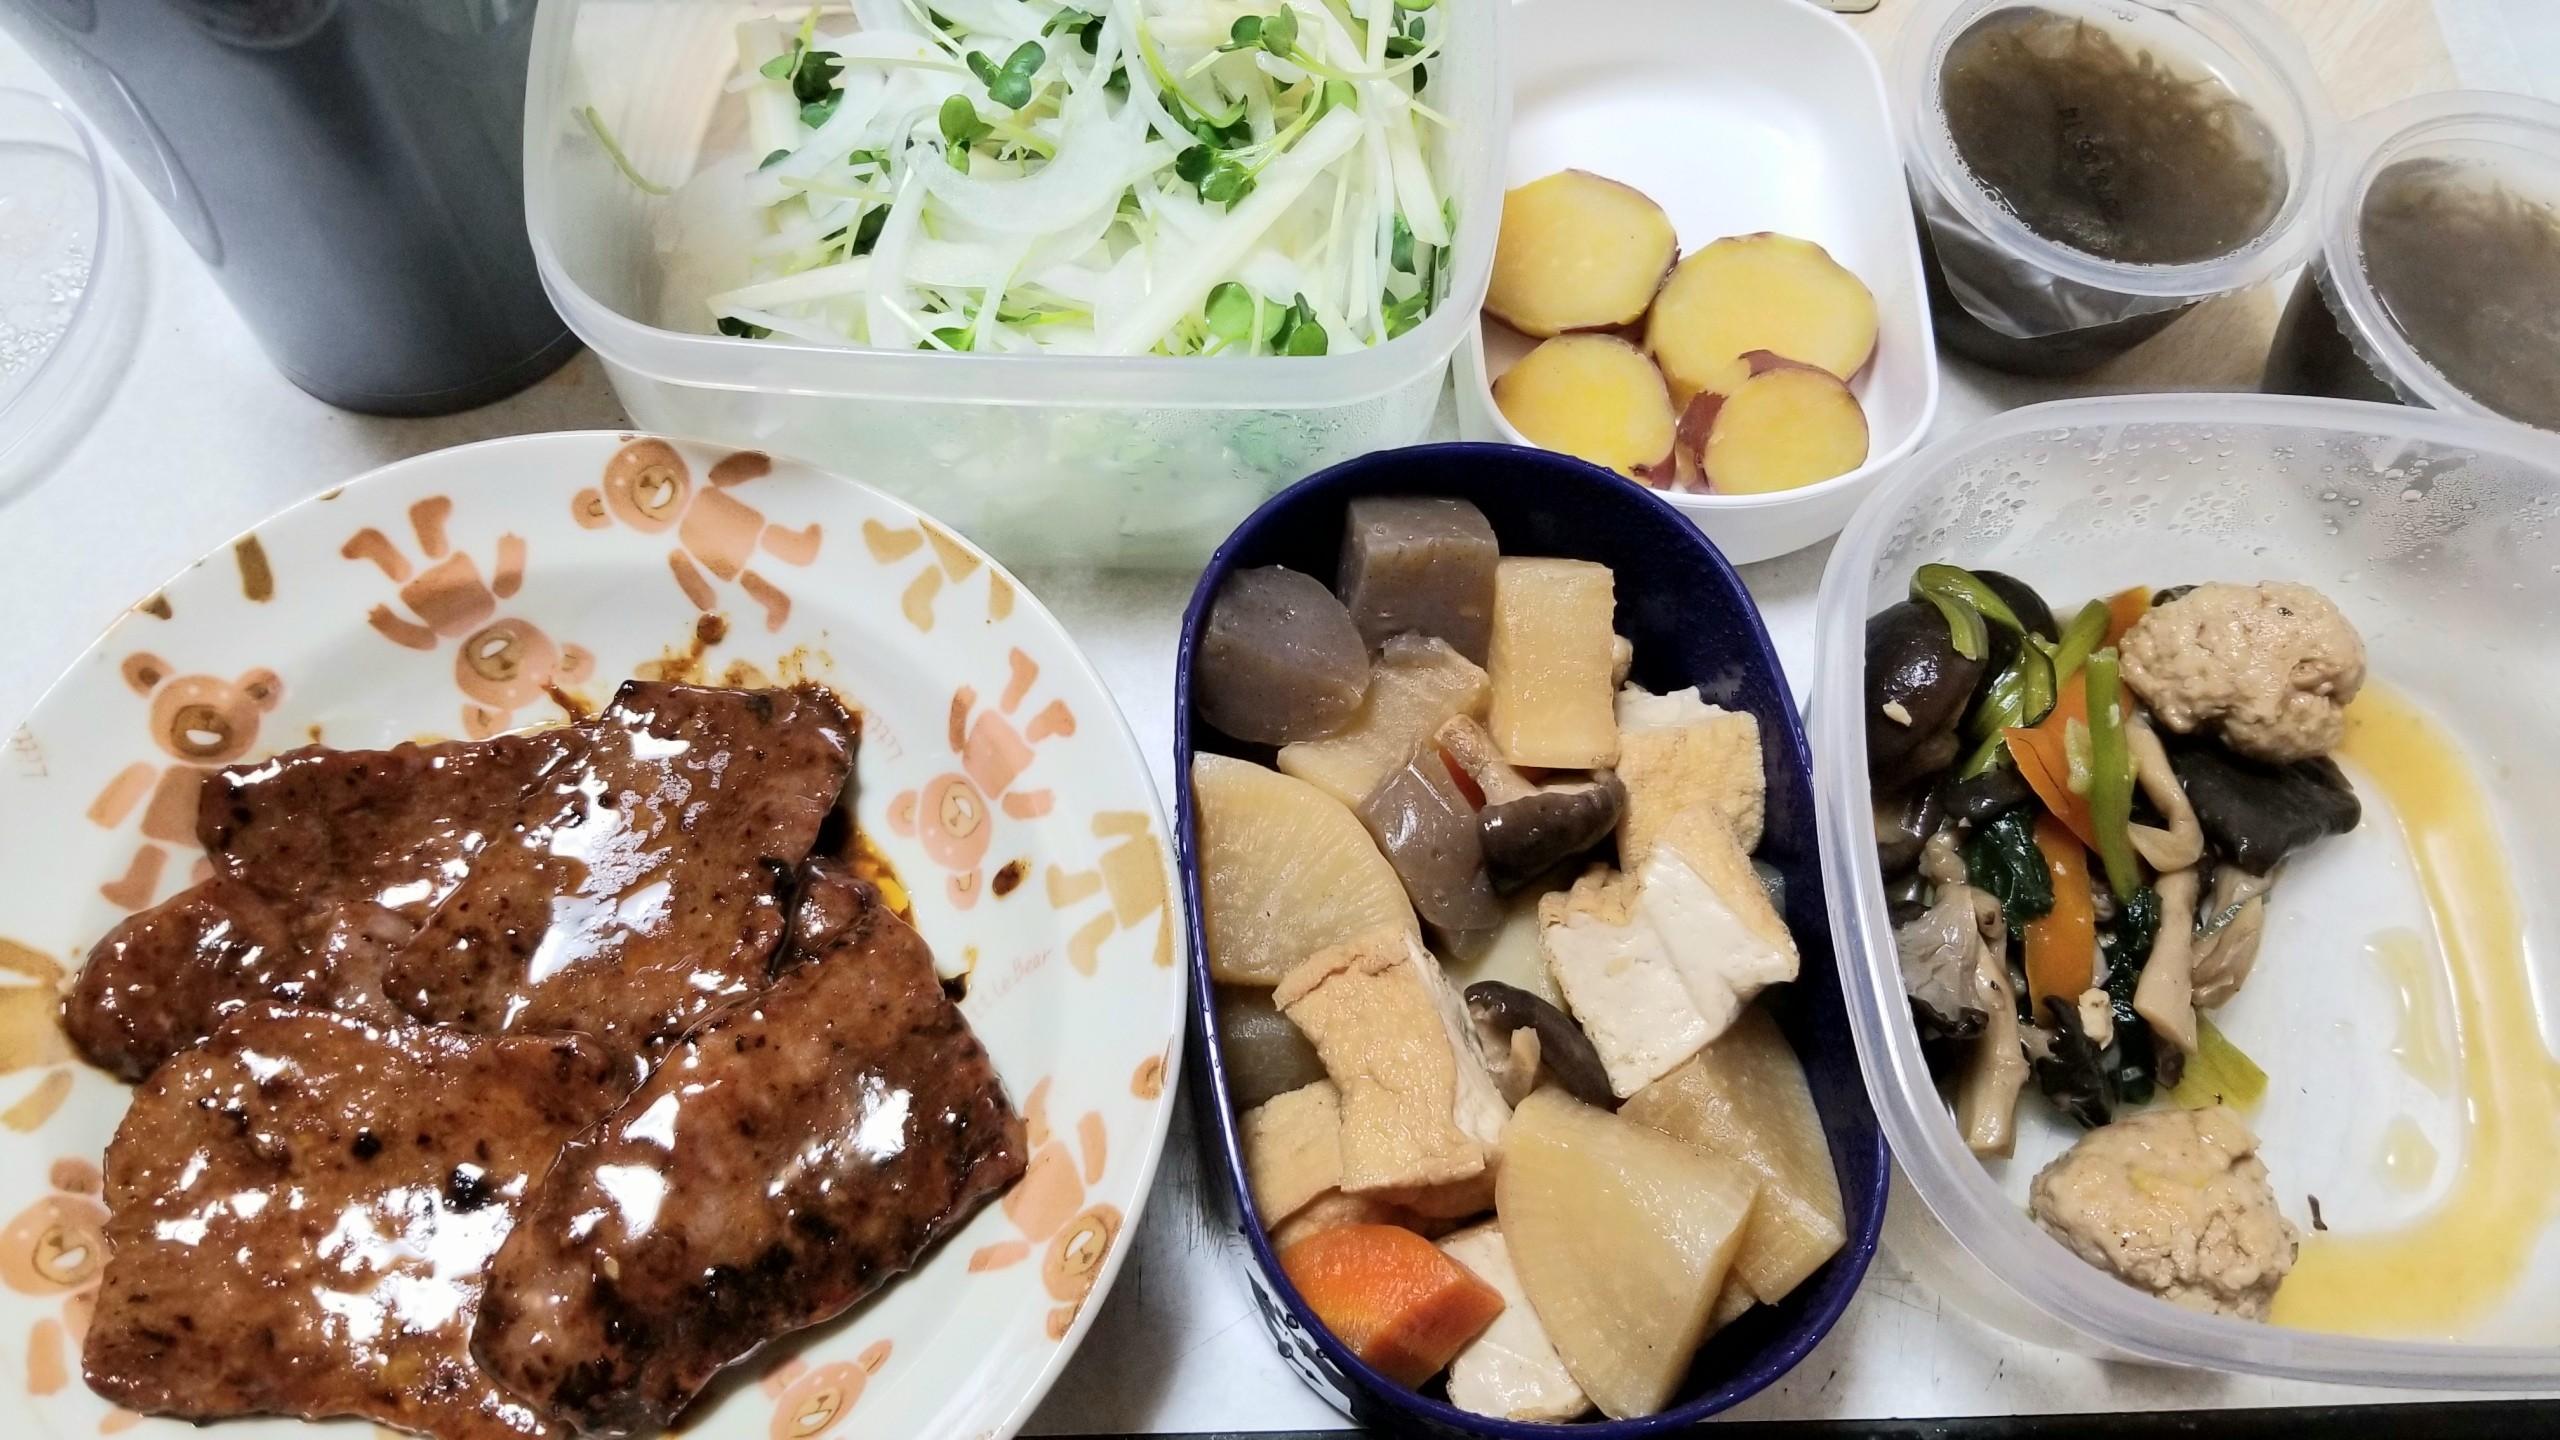 線維筋痛症患者の日常生活食事おばの手料理ダイエット中自炊出来ない